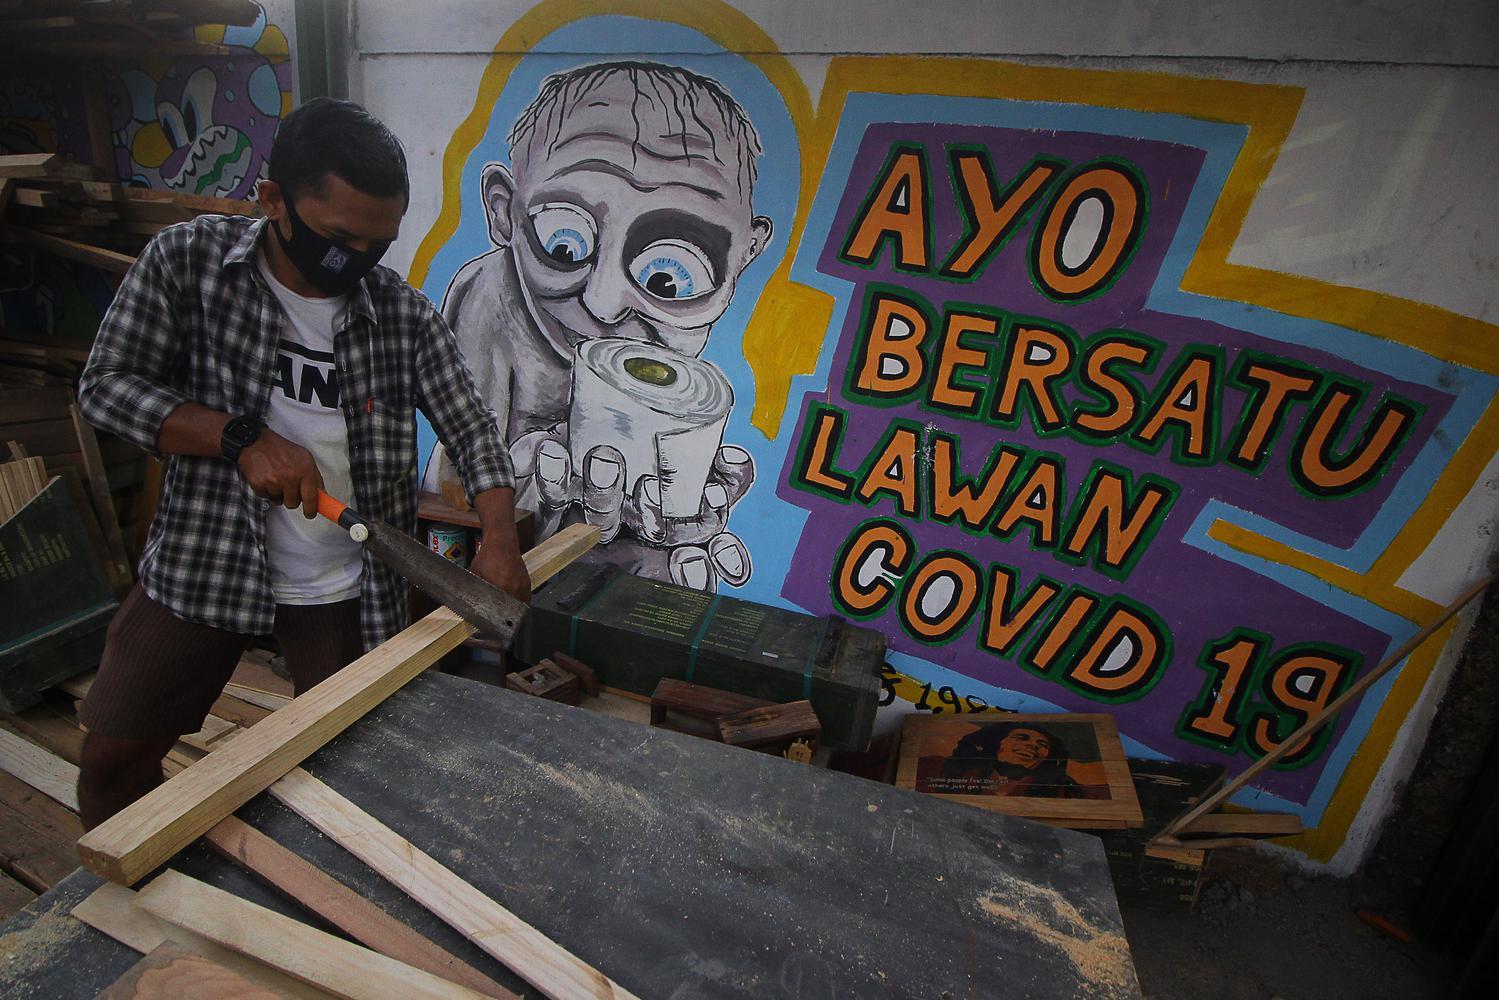 Warga beraktivitas di depan mural tentang COVID-19 di Kampung Jogoloyo, Surabaya, Jawa Timur, Senin (27/7/2020). Berdasarkan data dari Satgas Penanganan COVID-19 per 27 Juli 2020, kasus positif COVID-19 di Indonesia telah mencapai 100.303 kasus, dimana 58.173 orang dinyatakan sembuh dan 4.838 orang meninggal dunia.